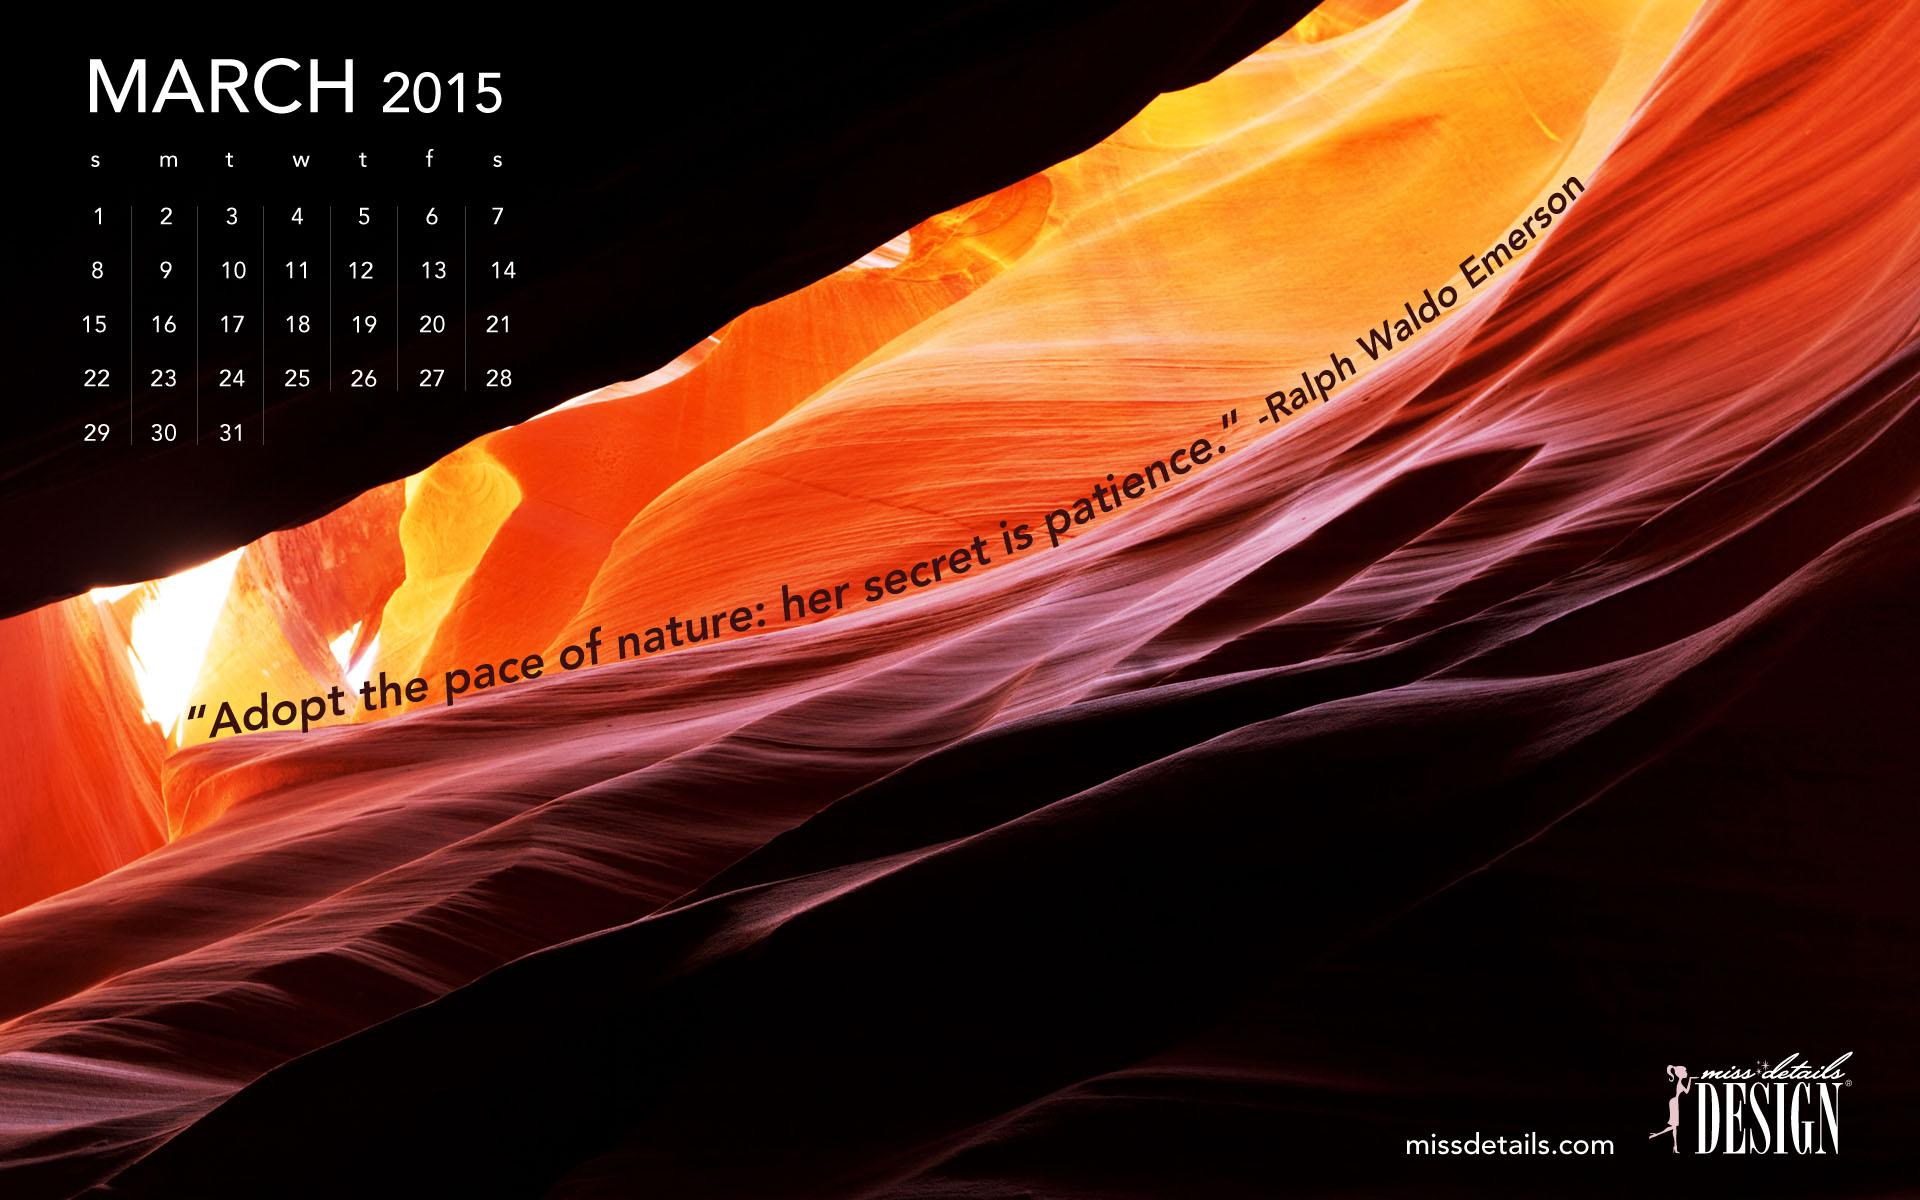 March 2015 desktop wallpaper from missdetailscom   Ralph Waldo 1920x1200